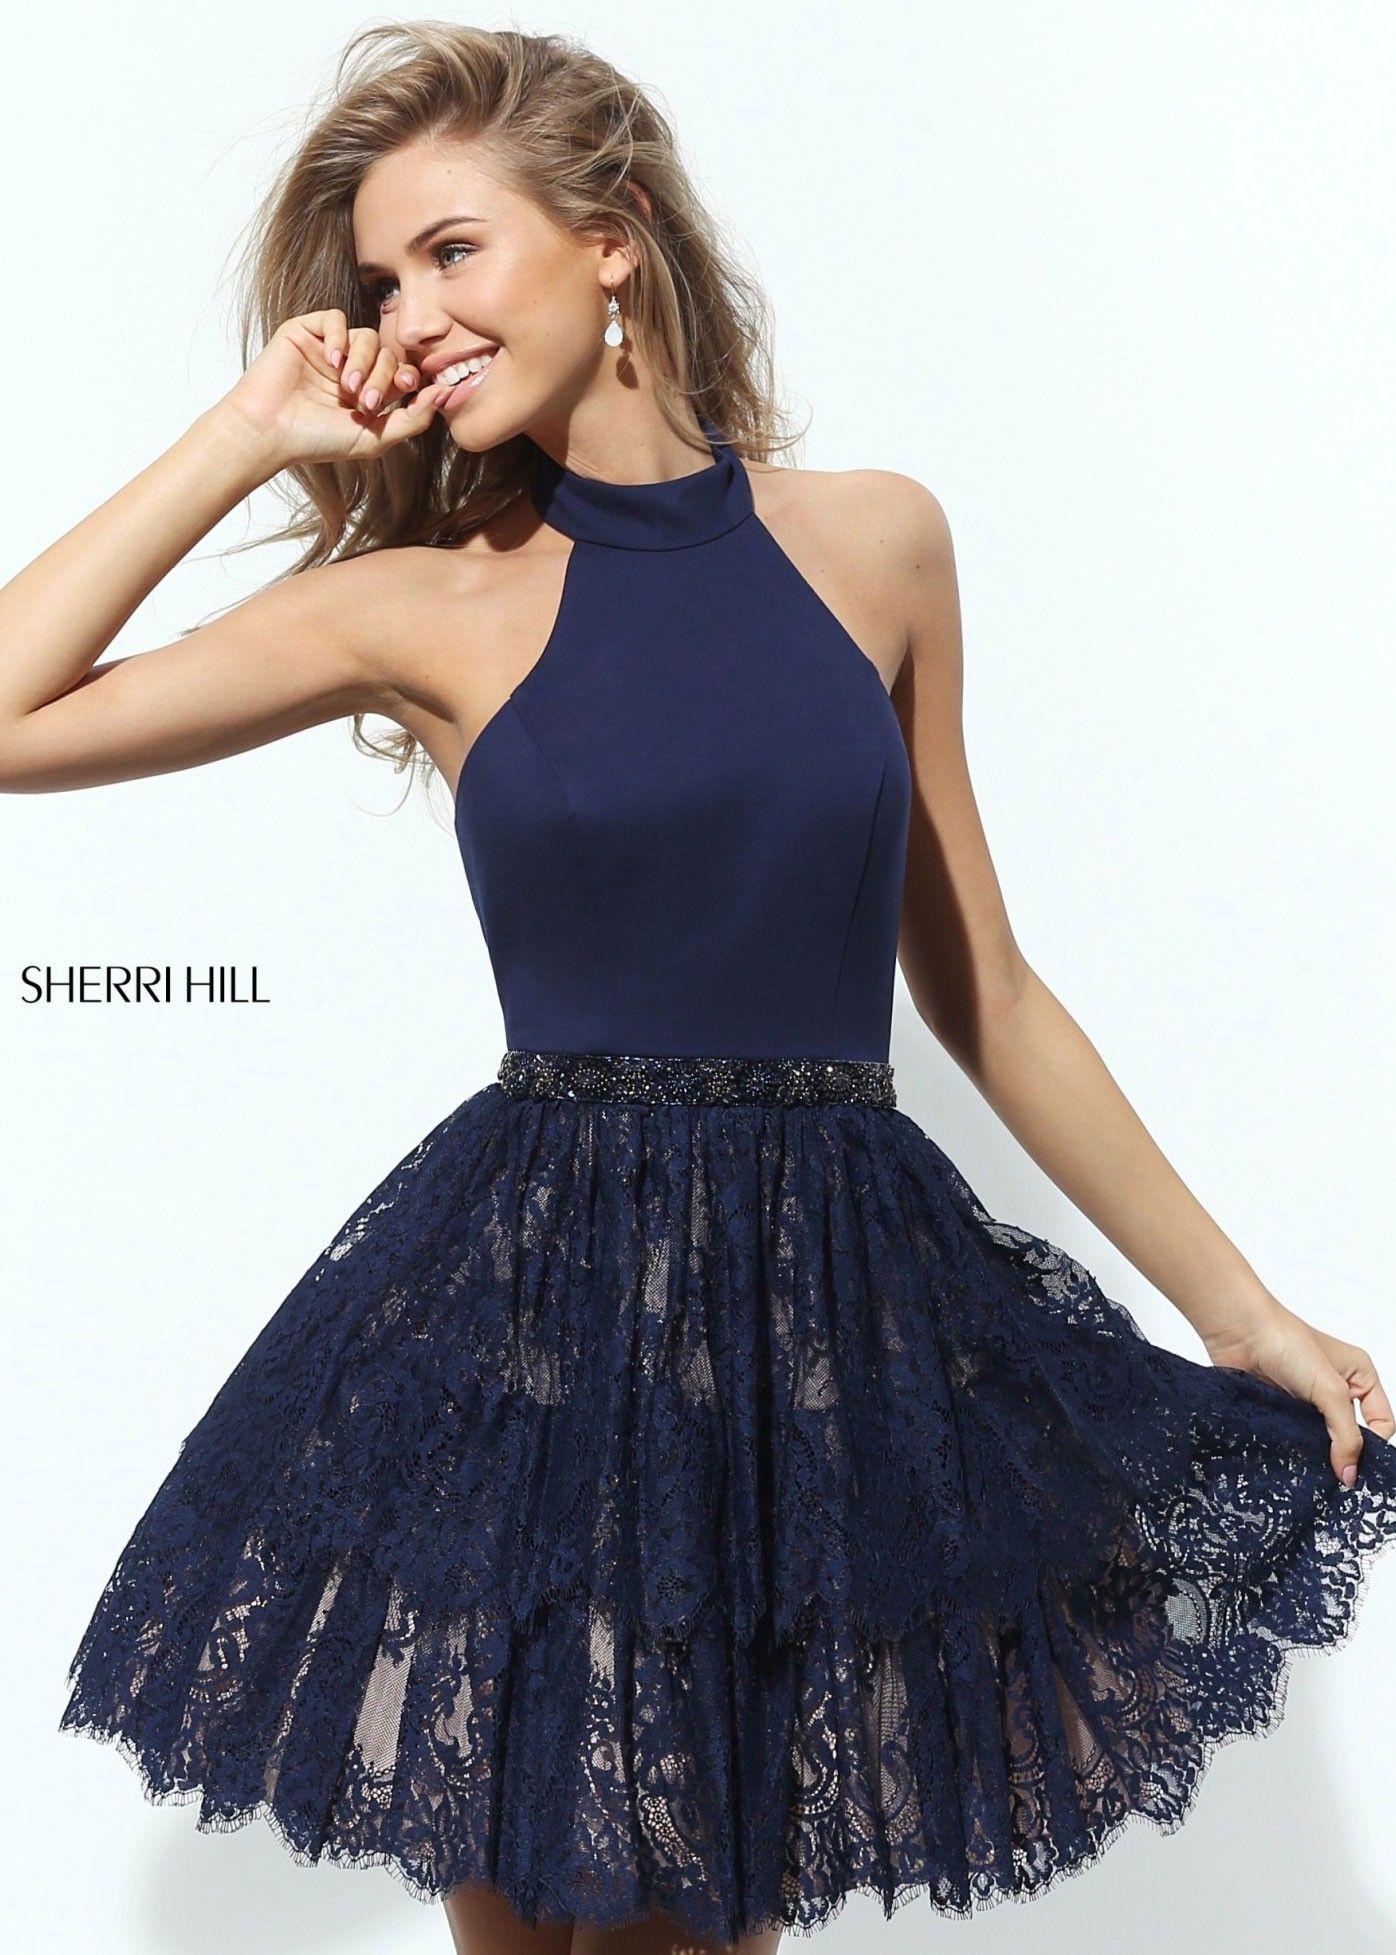 Sherri Hill 50634 Short Navy Lace Skirt Halter Dress - Homecoming Dresses…